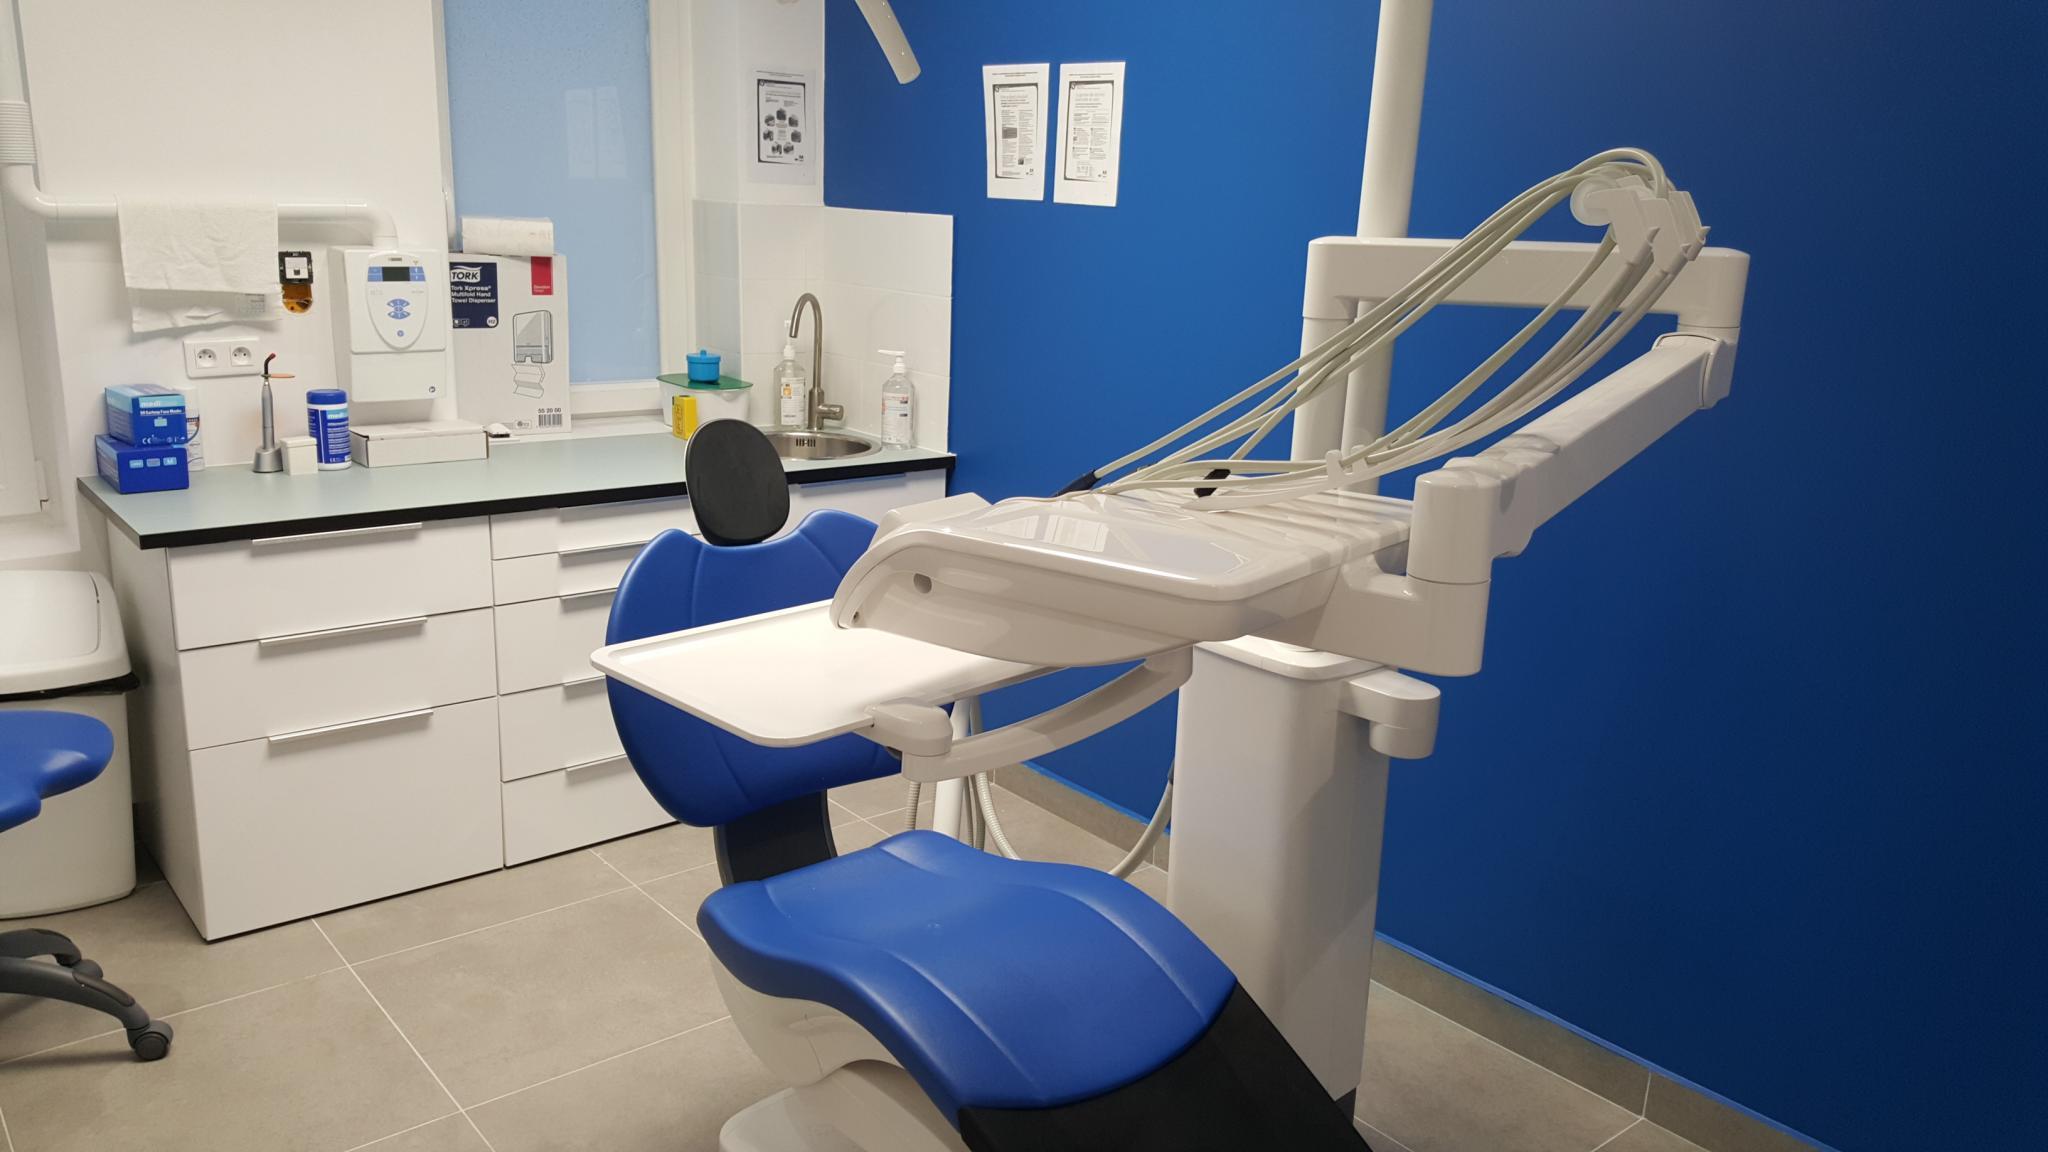 visiter le centre dentaire la plaine saint denis la plaine saint denis 93210 dentiste. Black Bedroom Furniture Sets. Home Design Ideas